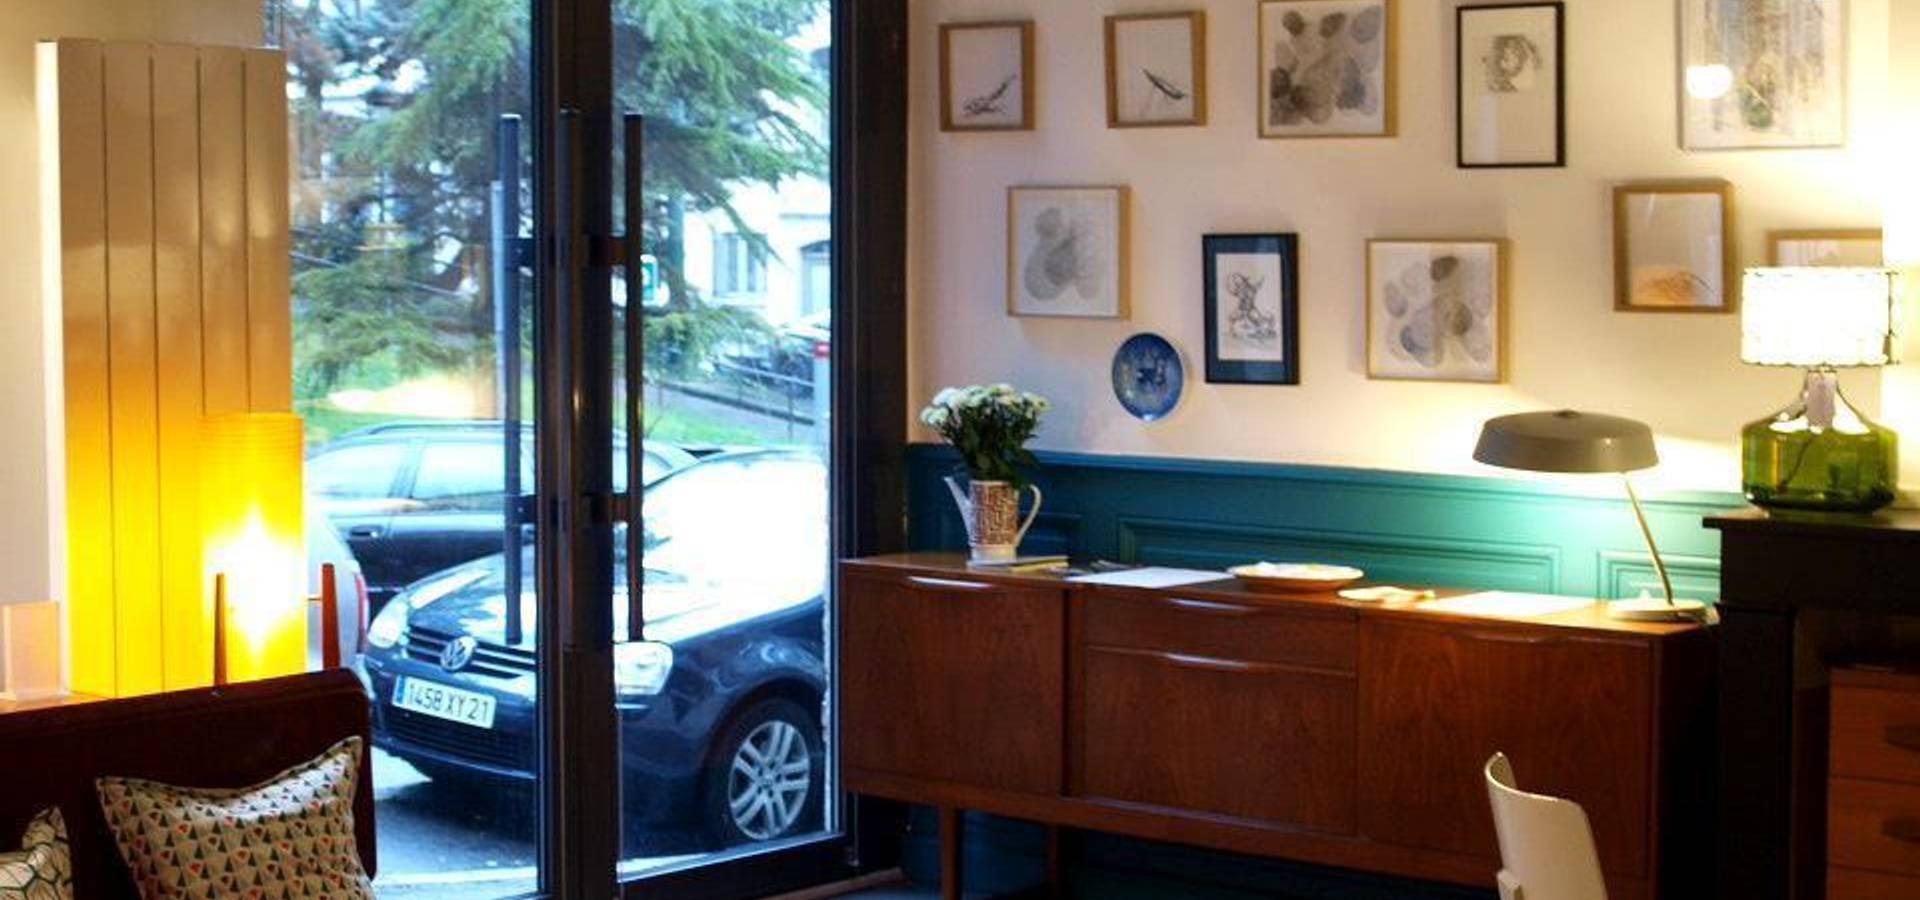 l 39 oeil vintage l il vintage galerie homify. Black Bedroom Furniture Sets. Home Design Ideas